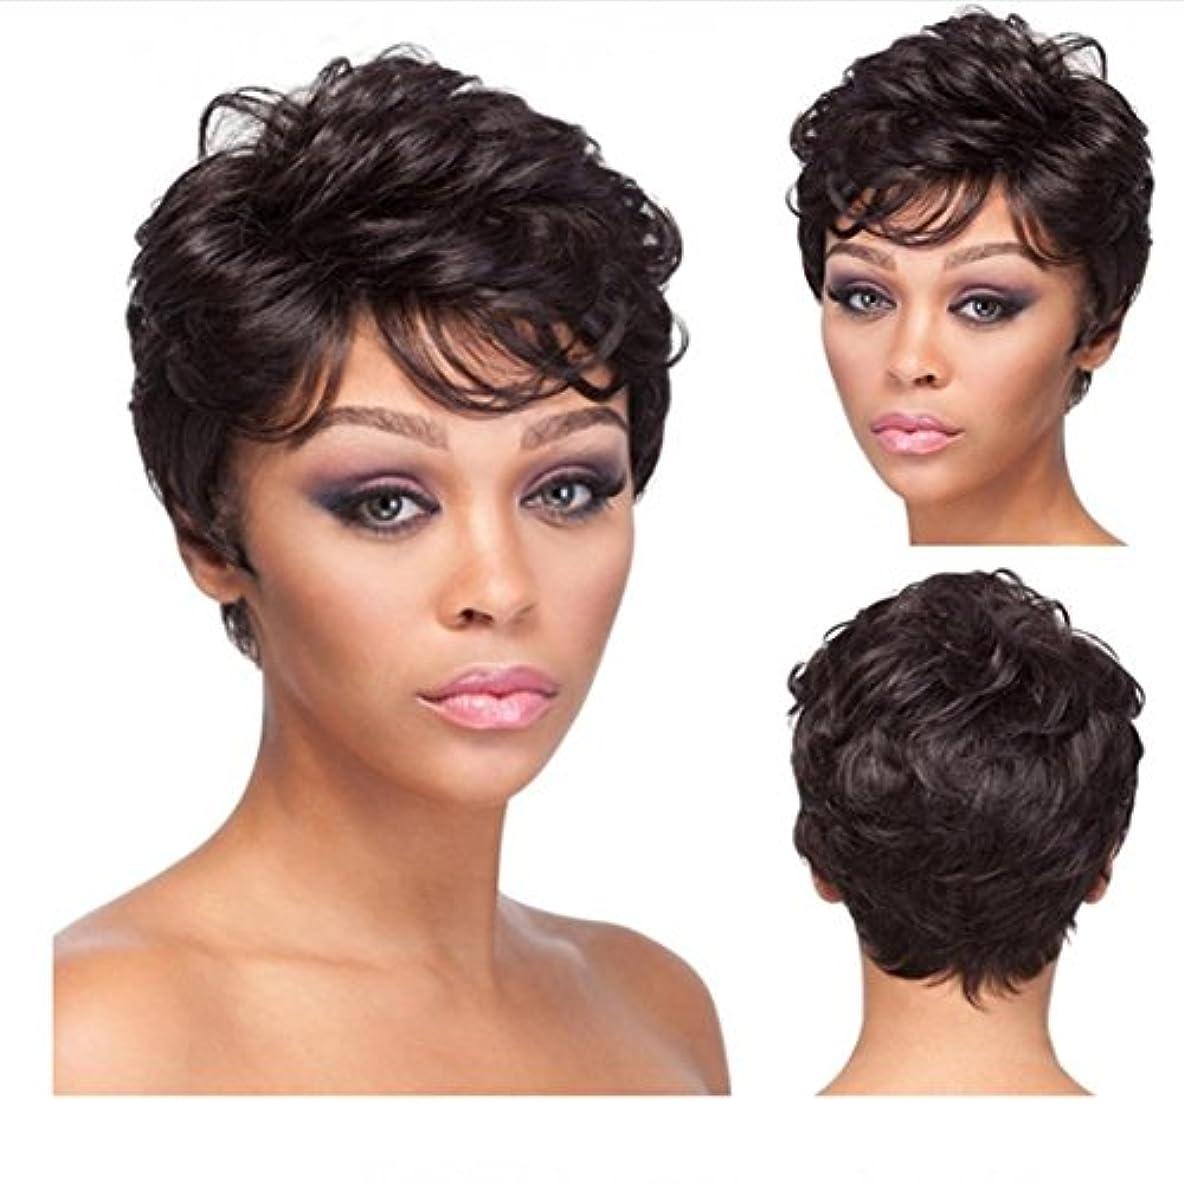 異議コックジェムYOUQIU デイリーウィッグ20センチメートル/ 160グラム(黒褐色)かつらのために斜めBagns髪の耐熱ウィッグで女子ショートふわふわマイクロボリュームかつらのために現実的なウィッグ (色 : Brownish black)